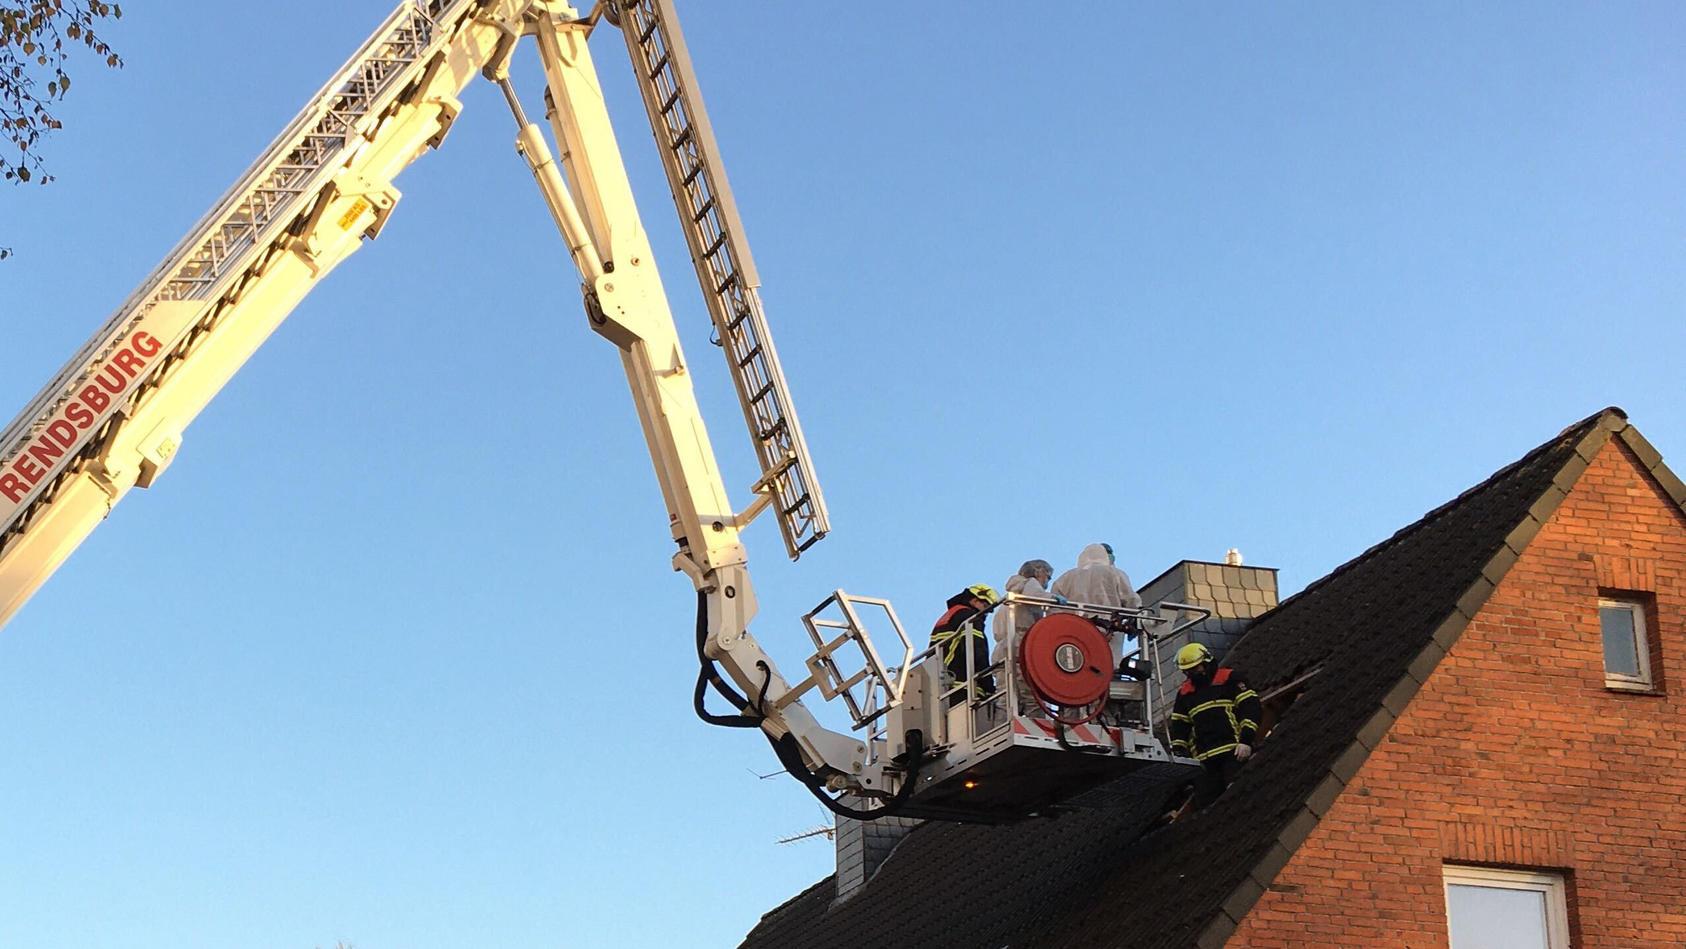 Die Feuerwehr musste das Dach öffnen, um die Leiche zu bergen